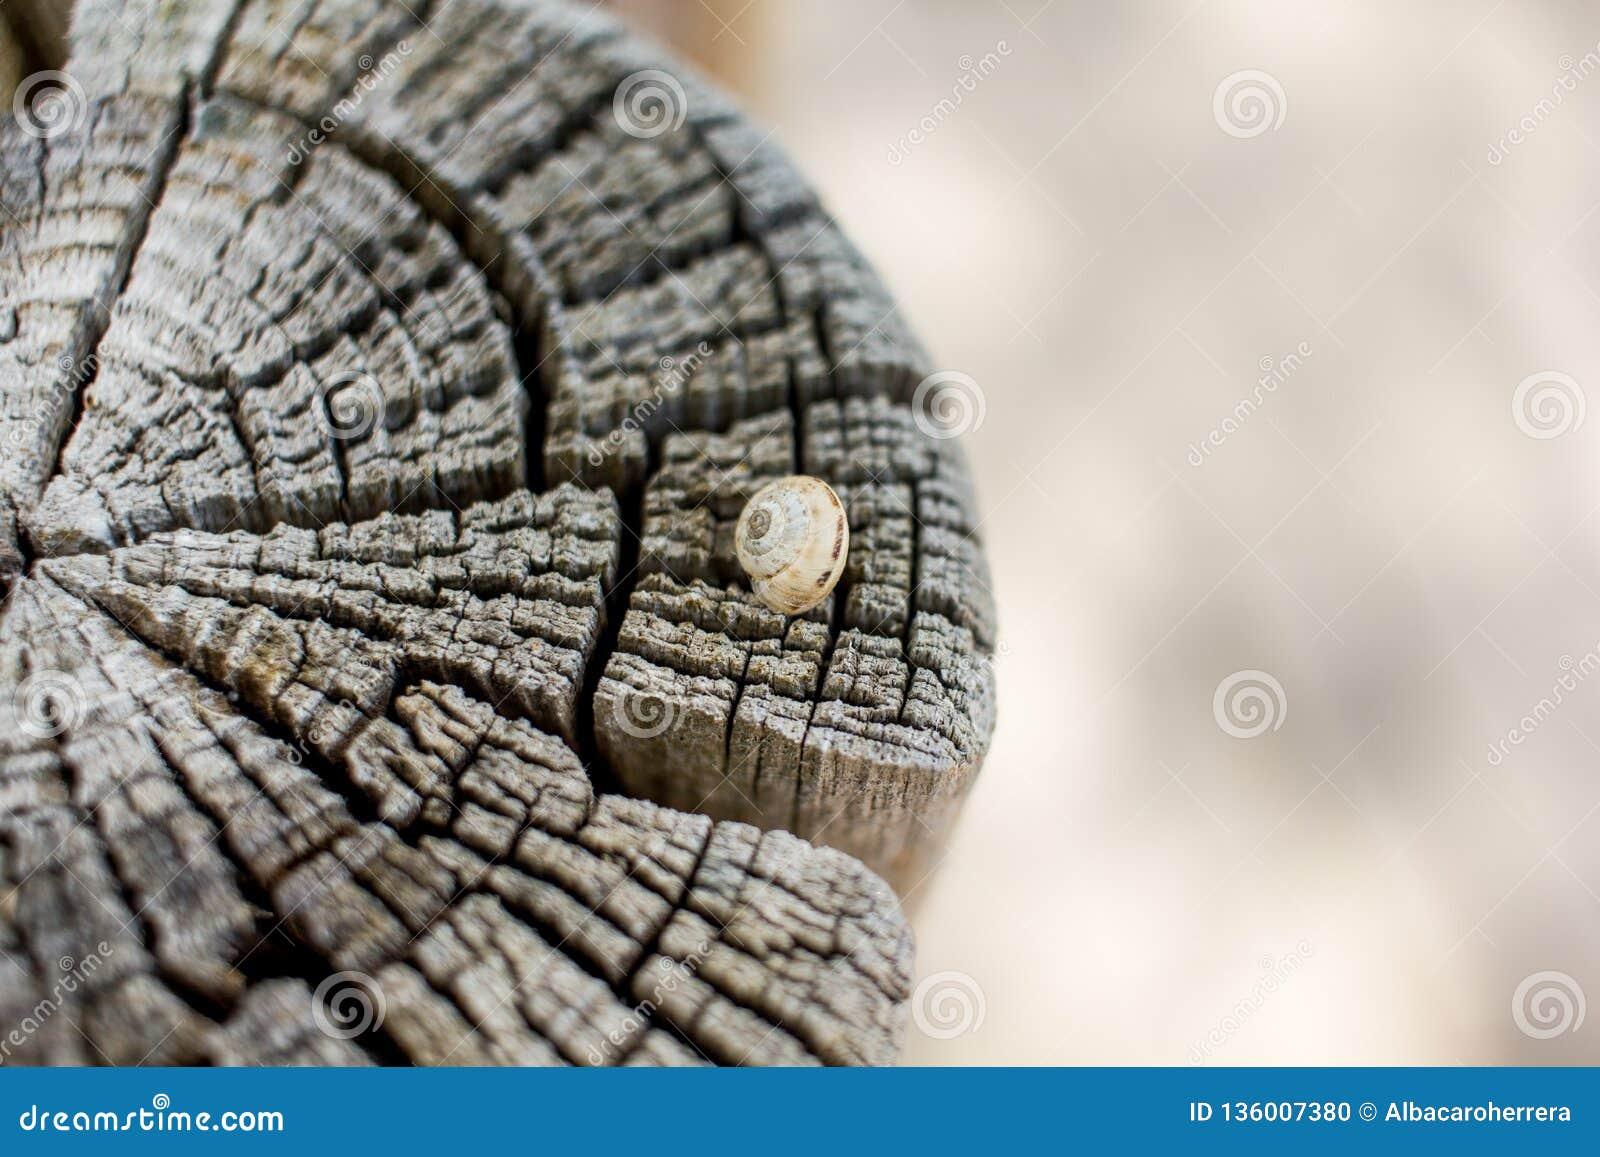 关闭在一根被切开的树干的一只蜗牛